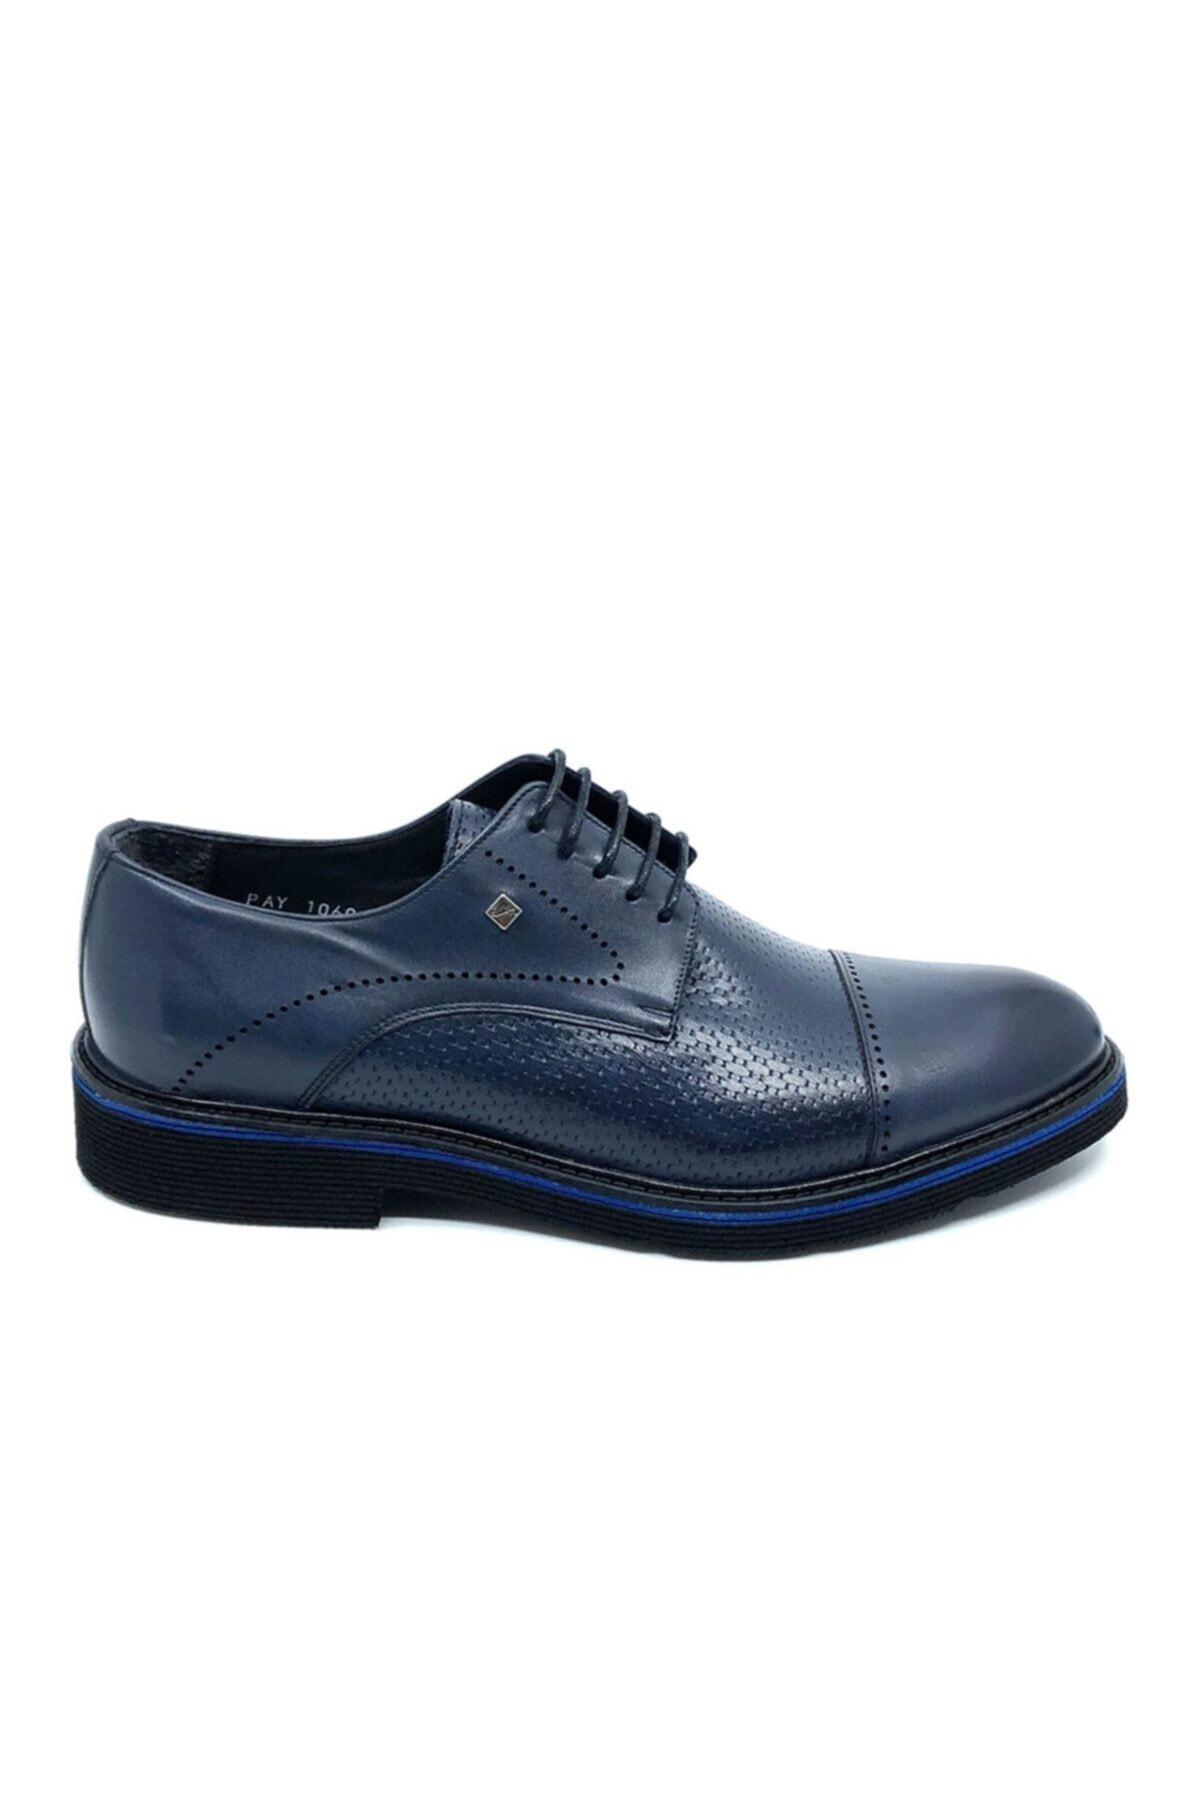 Fosco Mavi Günlük Erkek Ayakkabı 1060 158 2